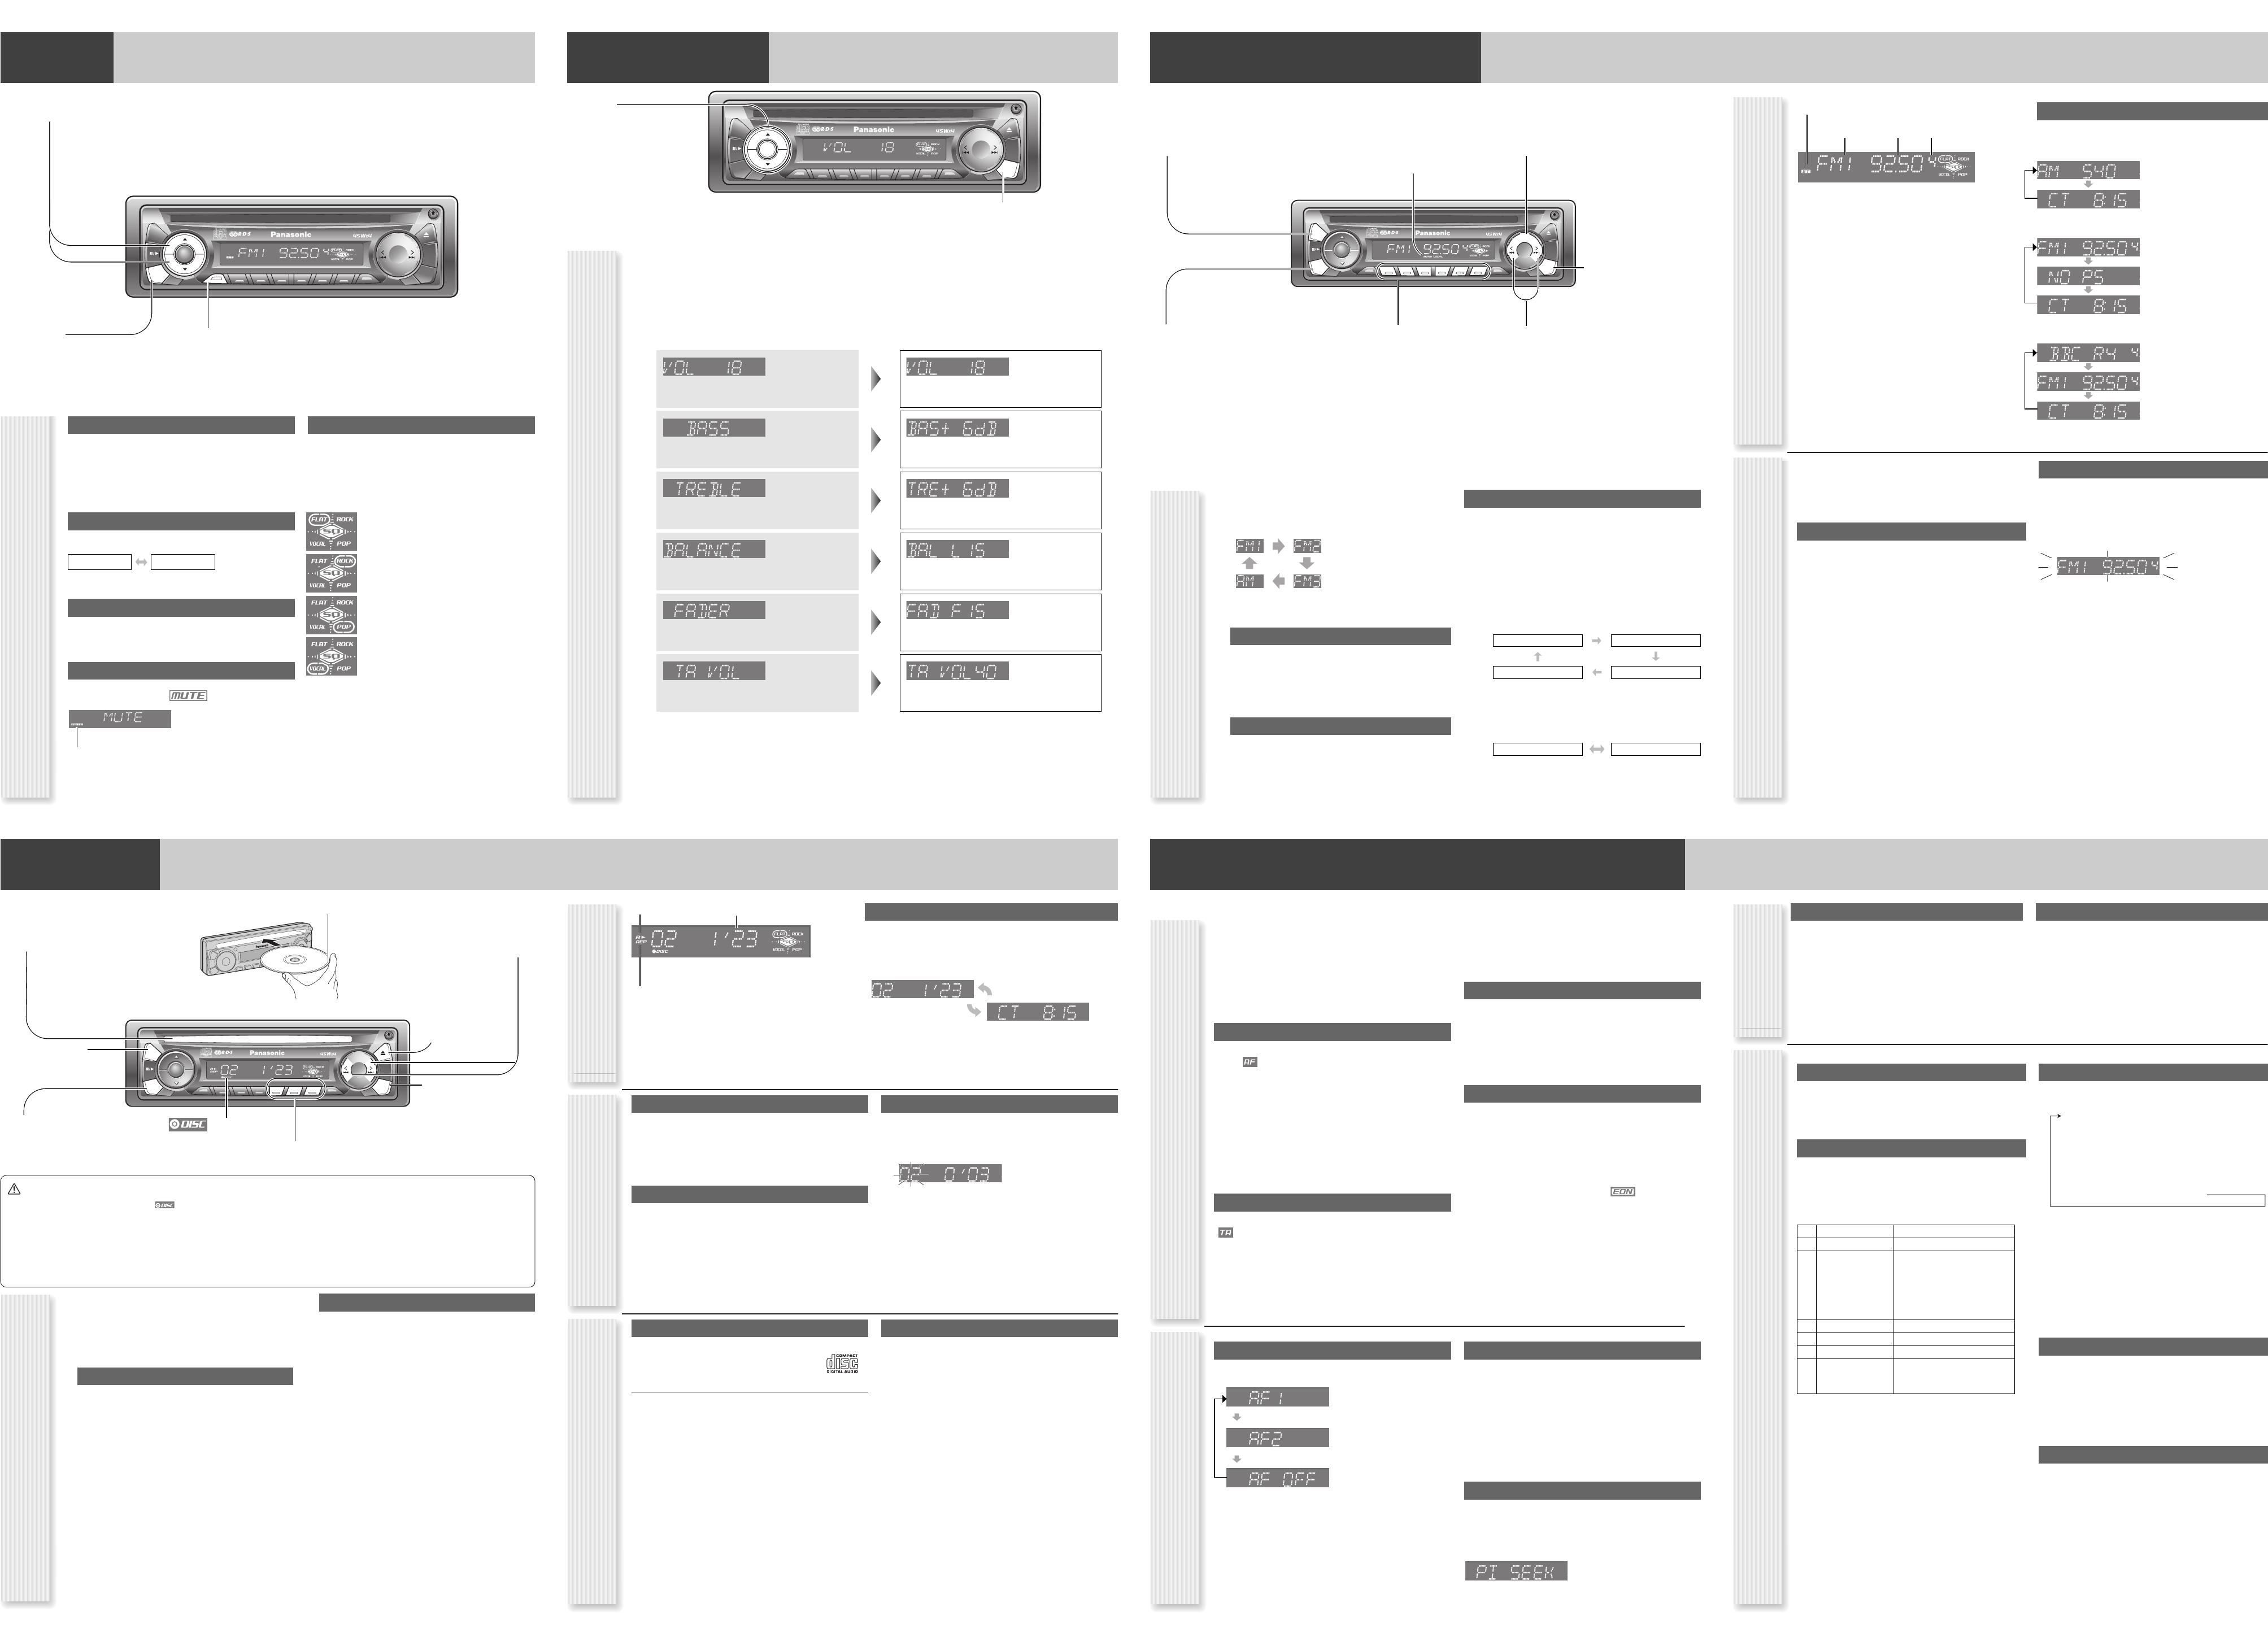 Handleiding Panasonic cq-c1021 (pagina 1 van 4) (English)